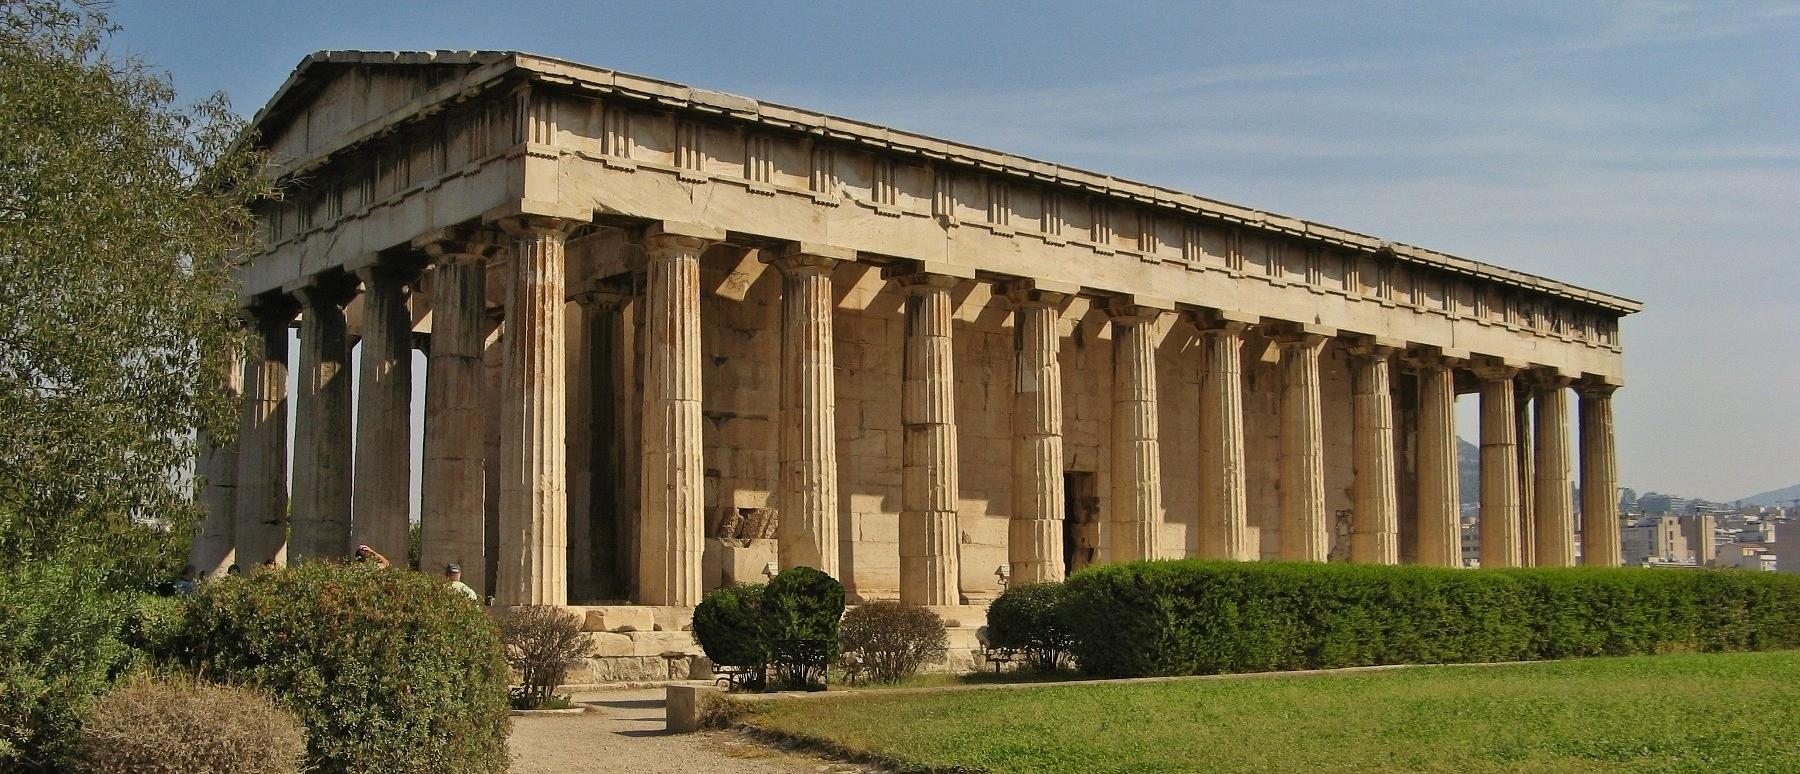 Overnachting in Athene - de tempel van Hephaestos